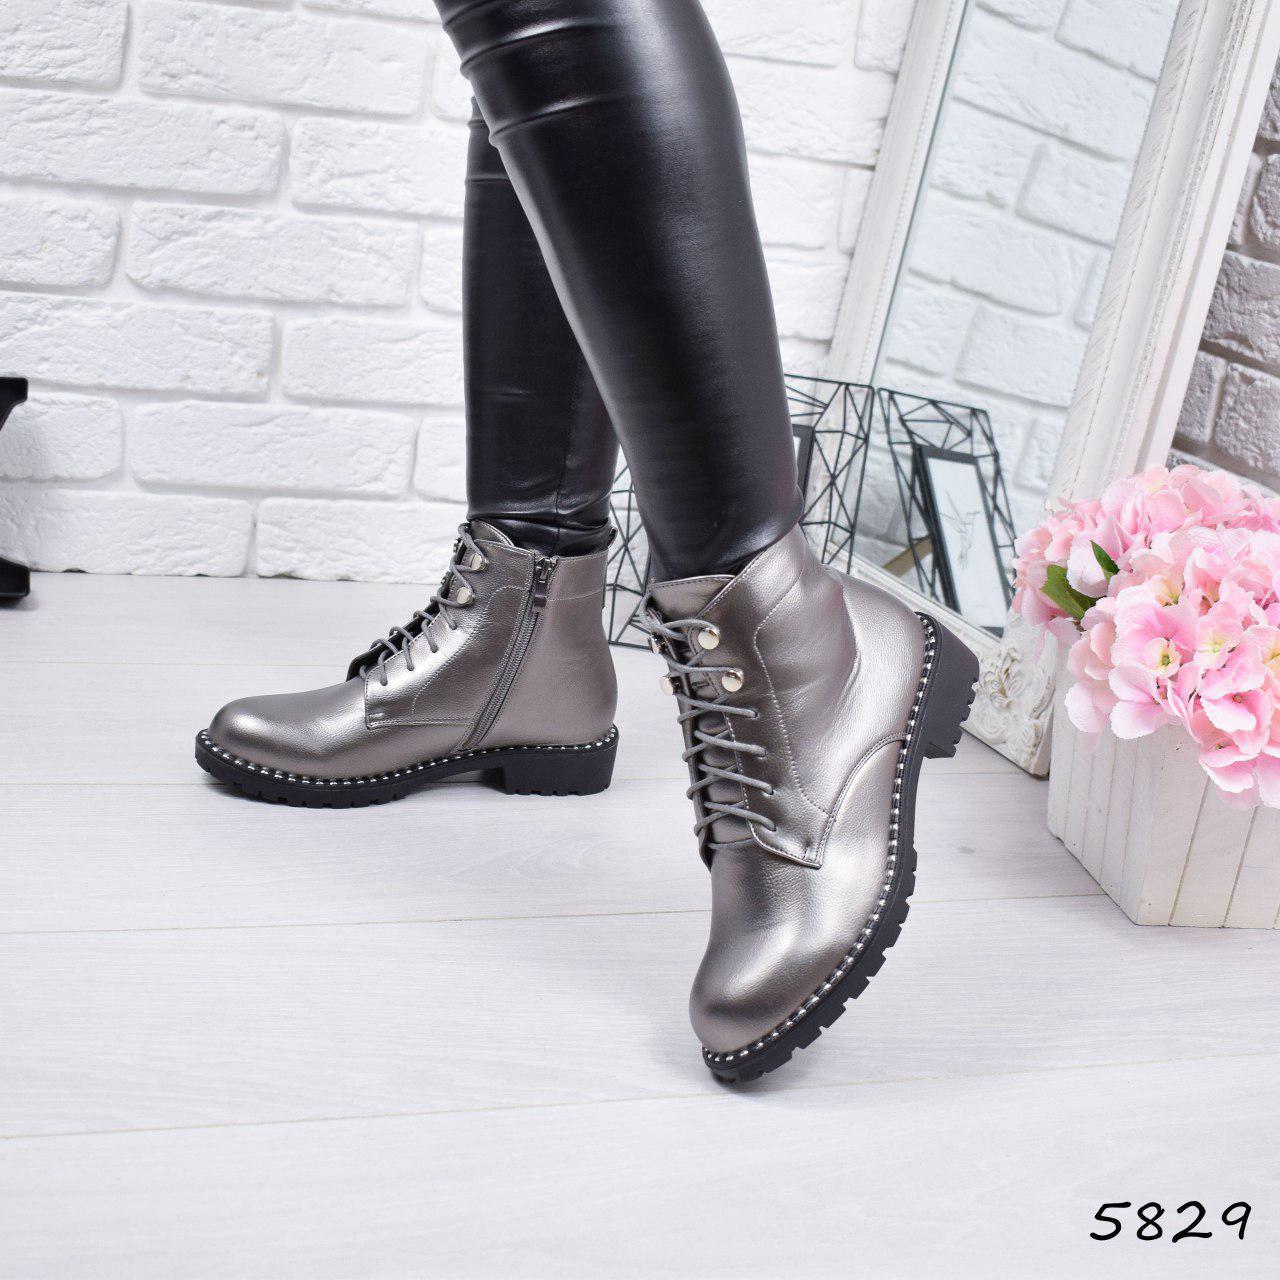 """Ботинки, ботильоны серебро демисезонные """"Teresa"""" эко кожа, повседневная,осенняя, женская обувь"""